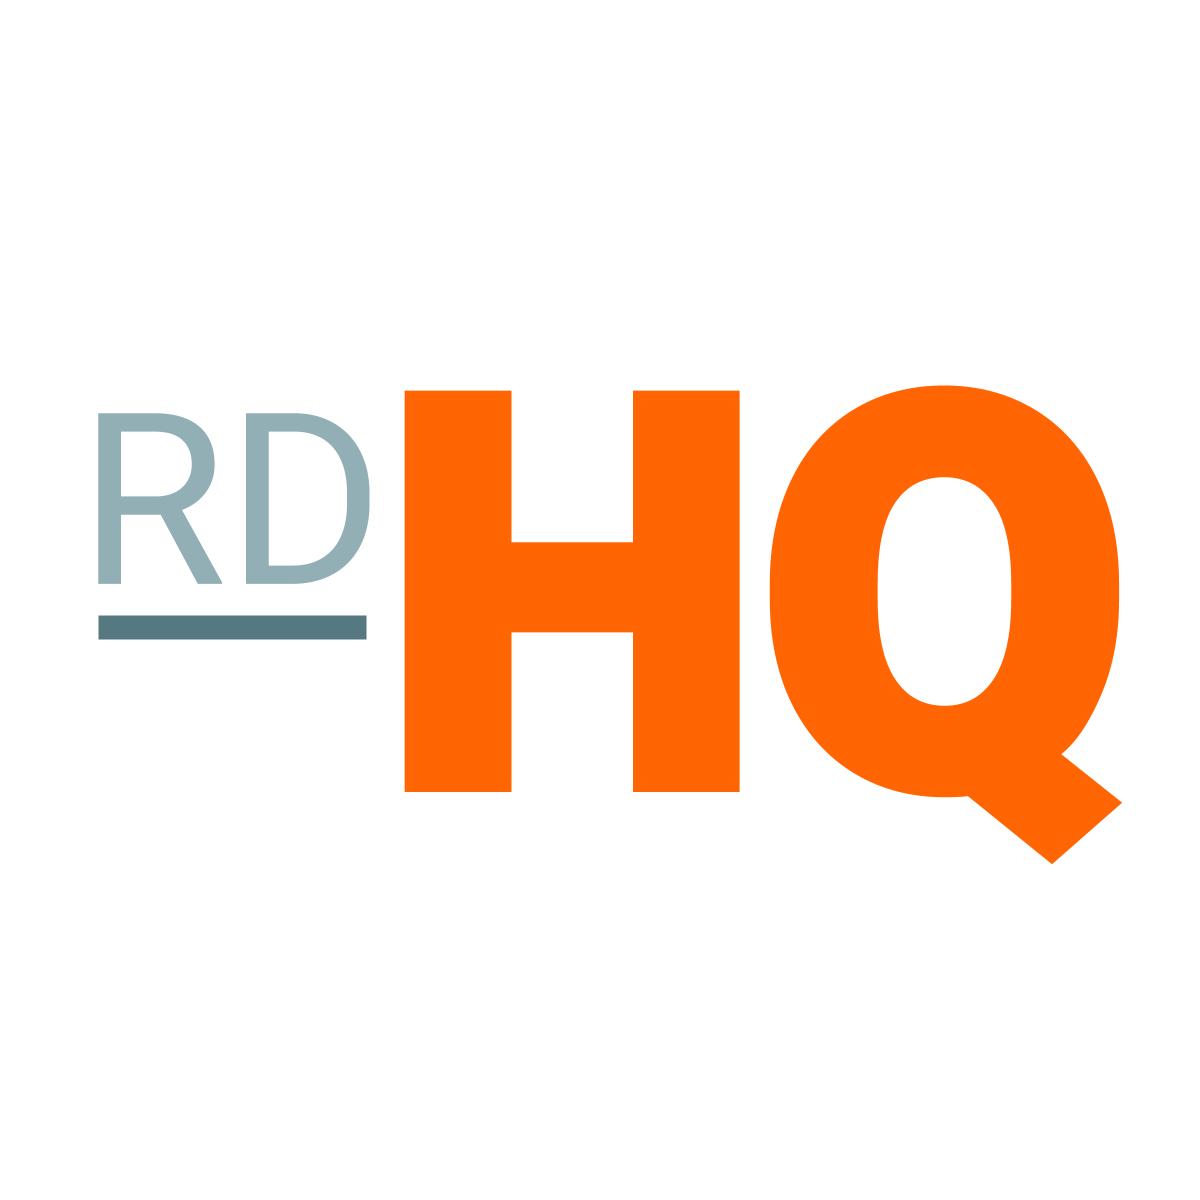 RDHQ logo square